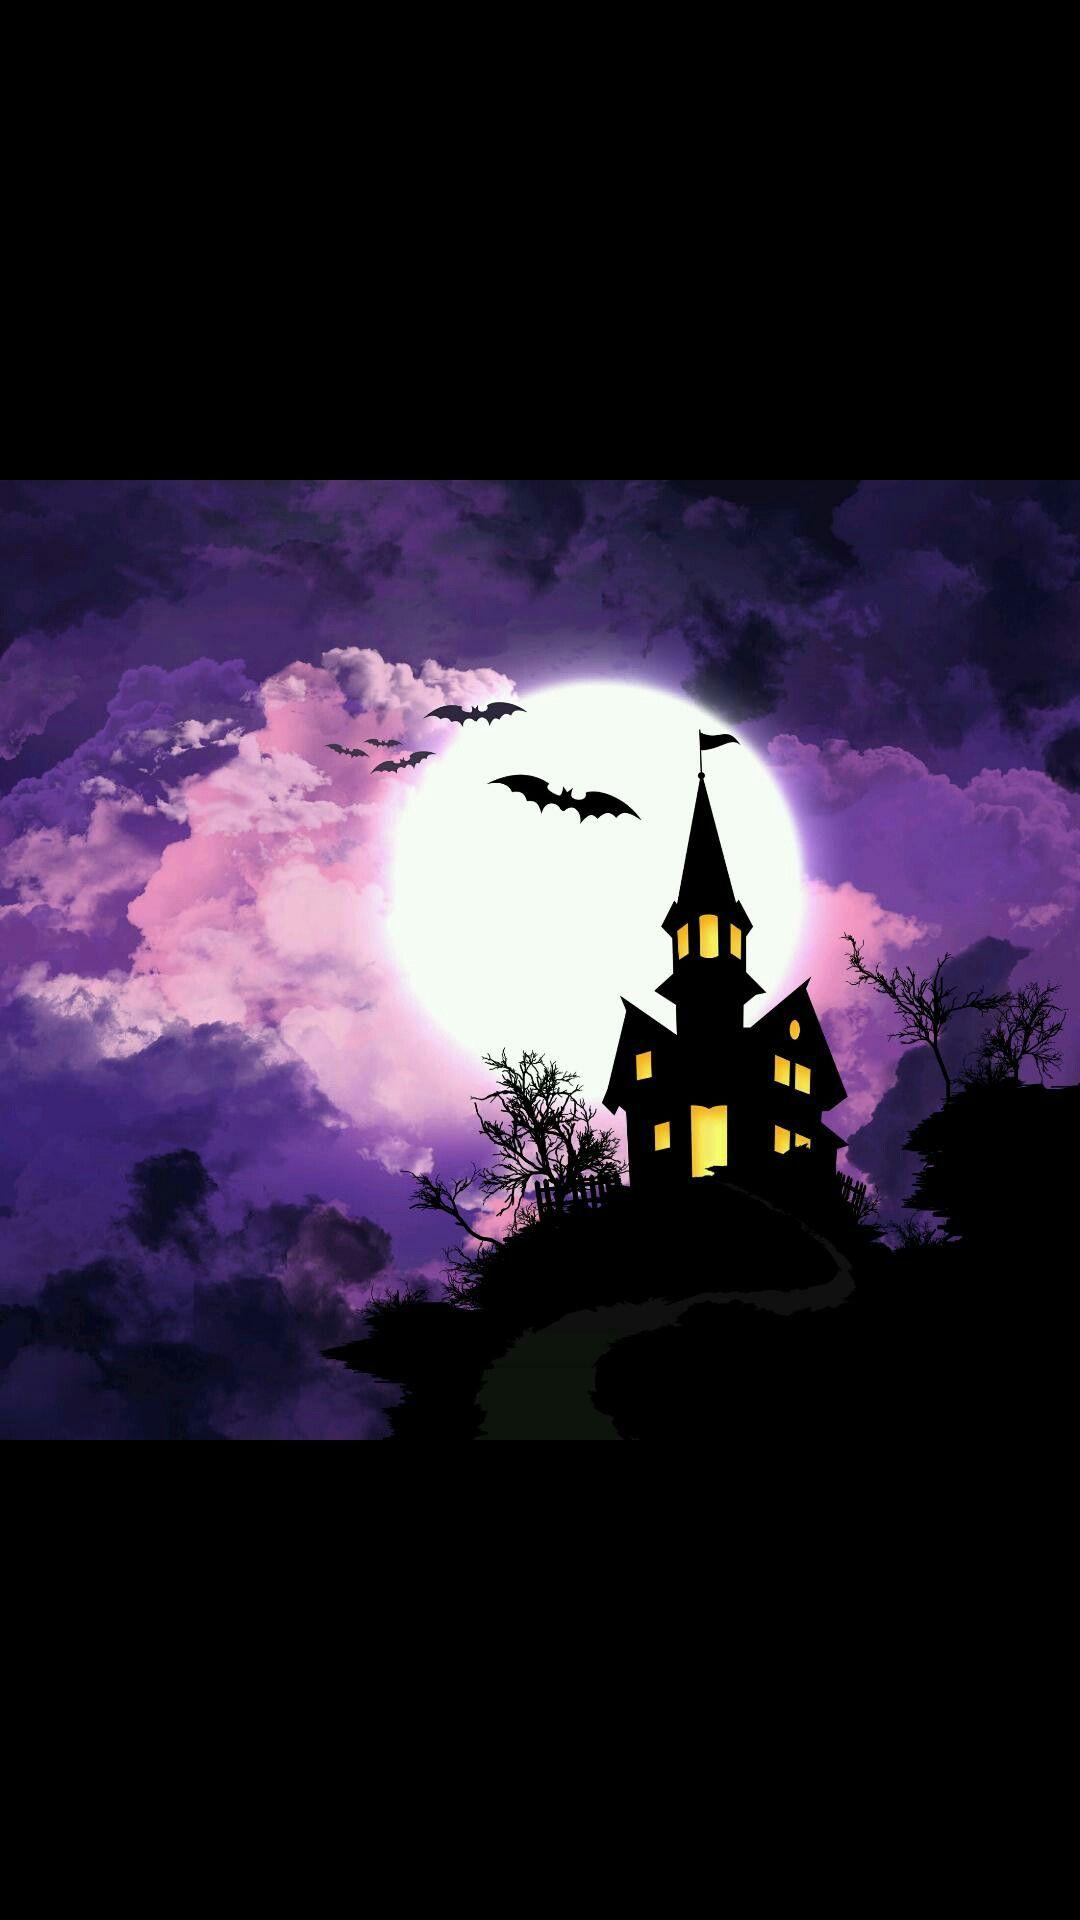 pindustin seiler on halloween | pinterest